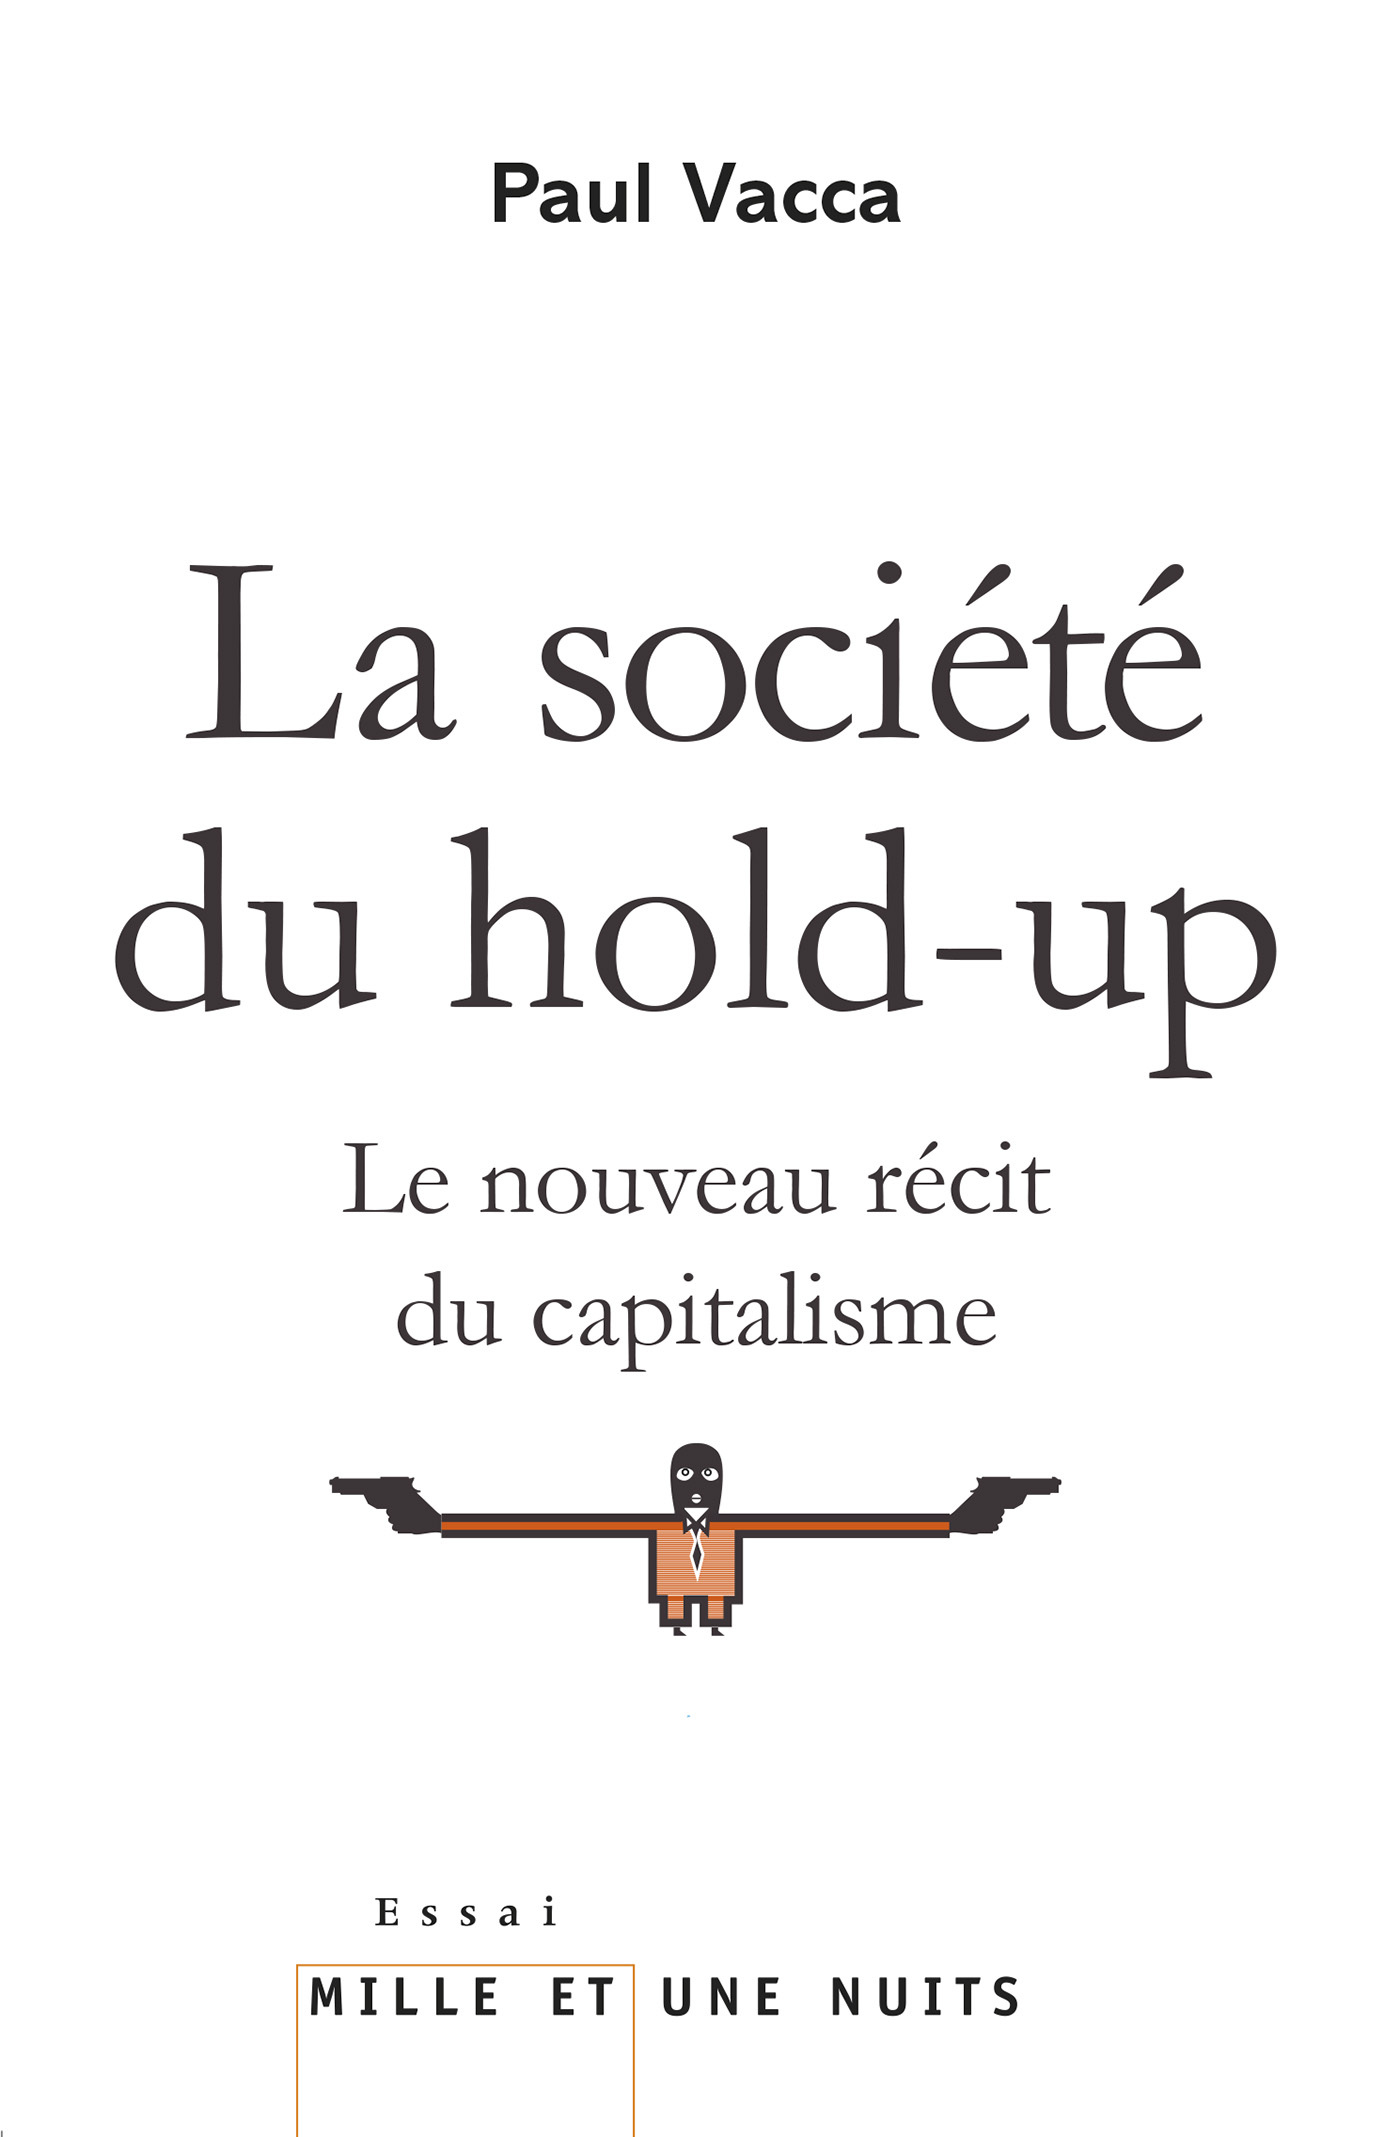 LA SOCIETE DU HOLD-UP - LE NOUVEAU RECIT DU CAPITALISME